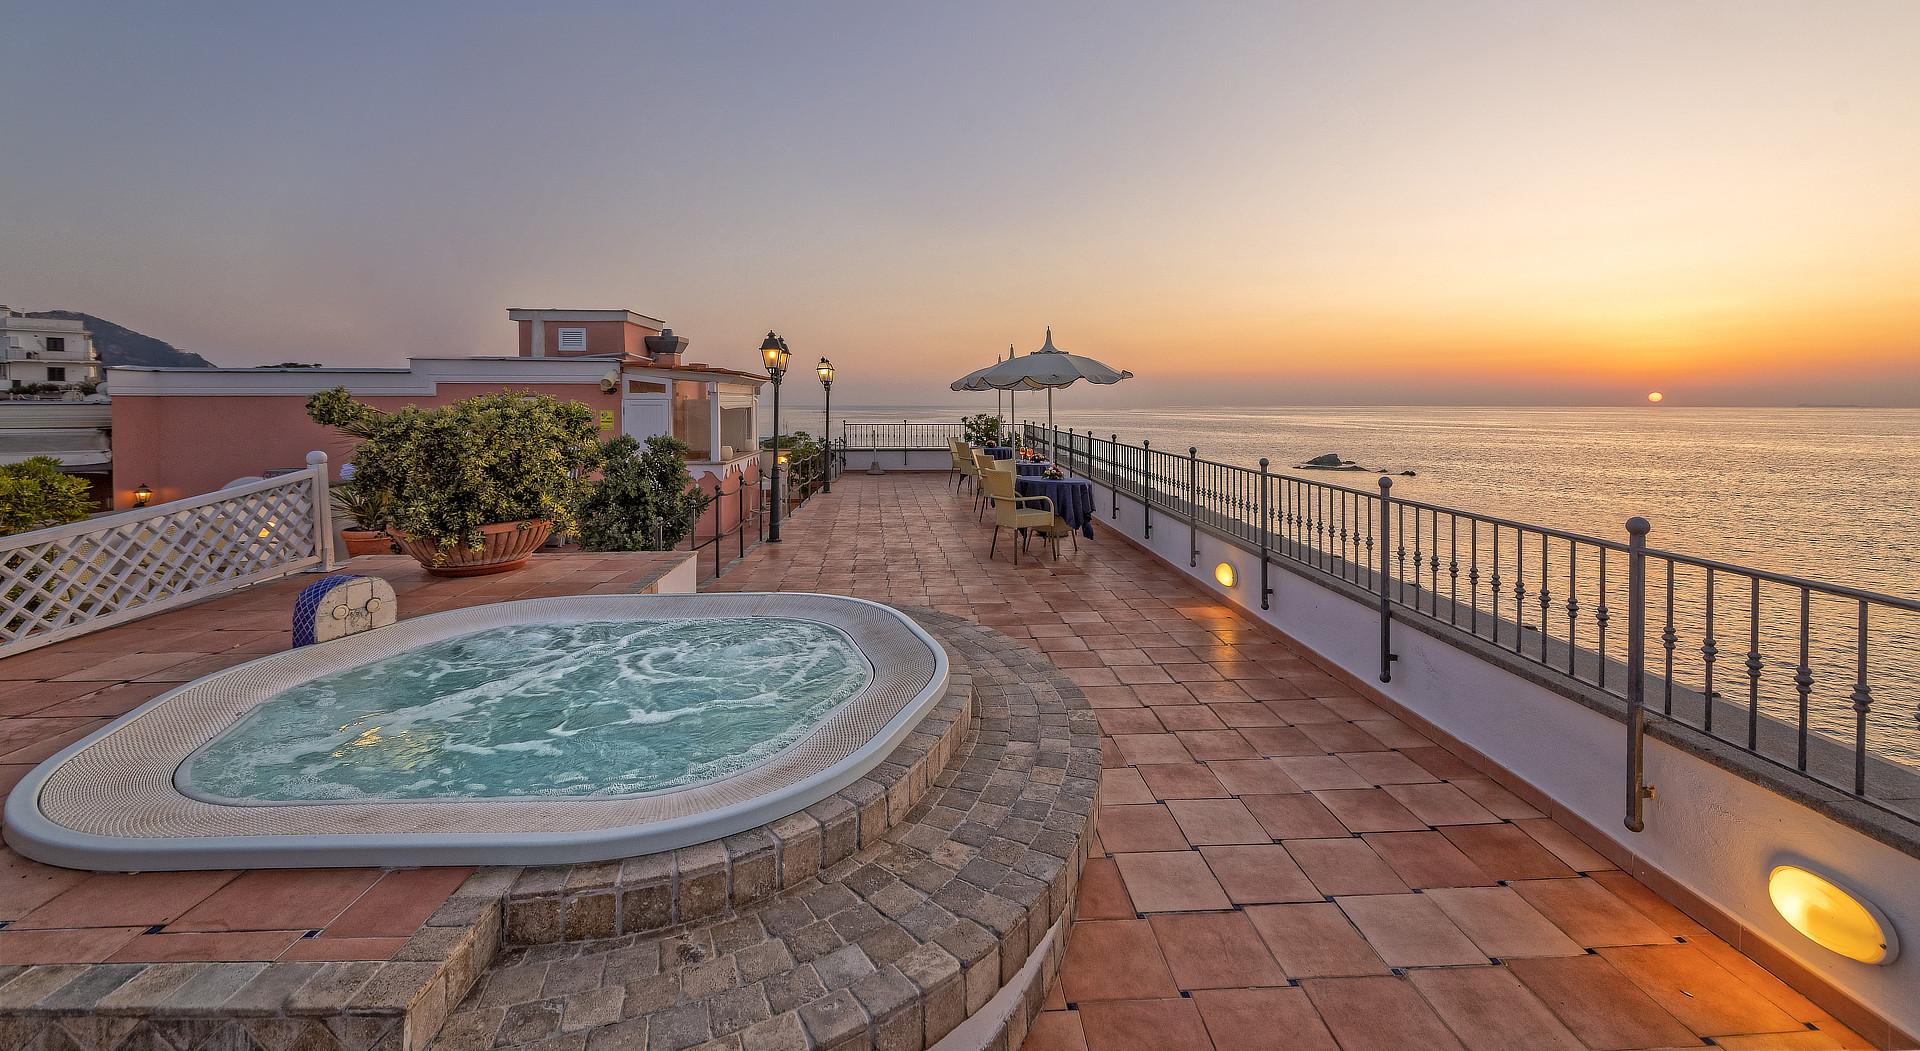 Hotel Nettuno Ischia